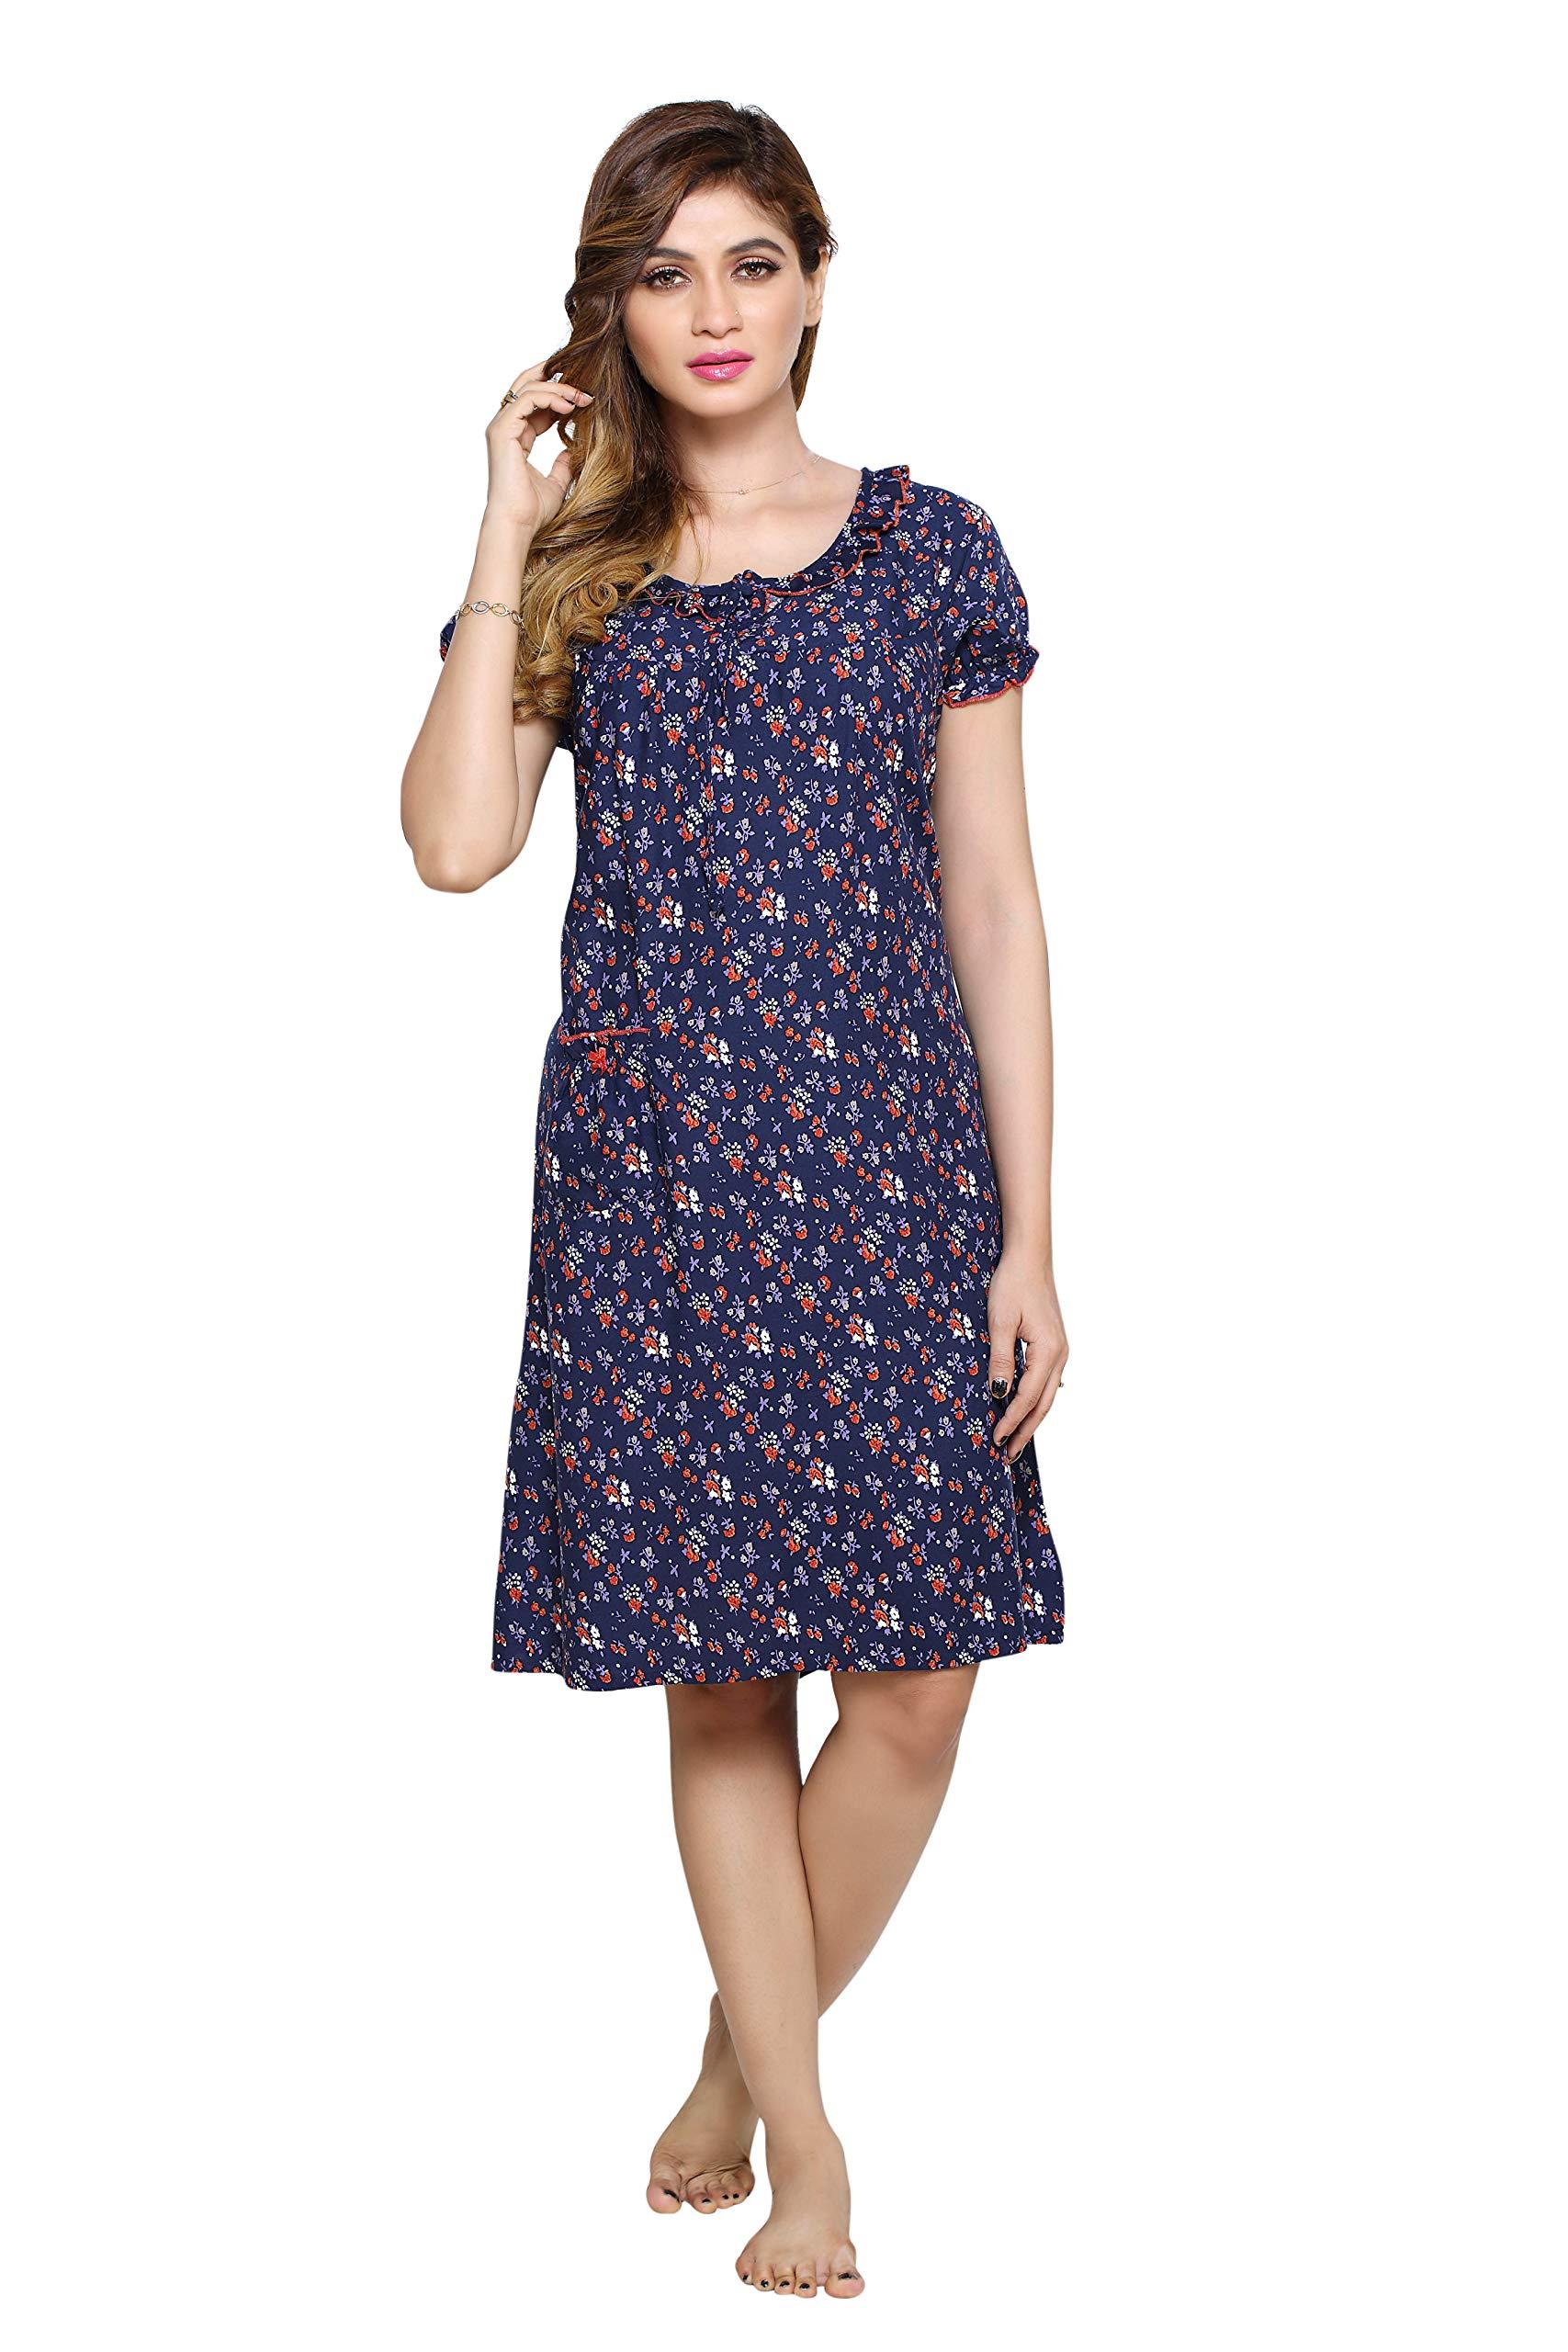 8d1d390f153 PDPM Women s Short Rayon Nighty Nightwear Night Dress Sleepwear Gown ...